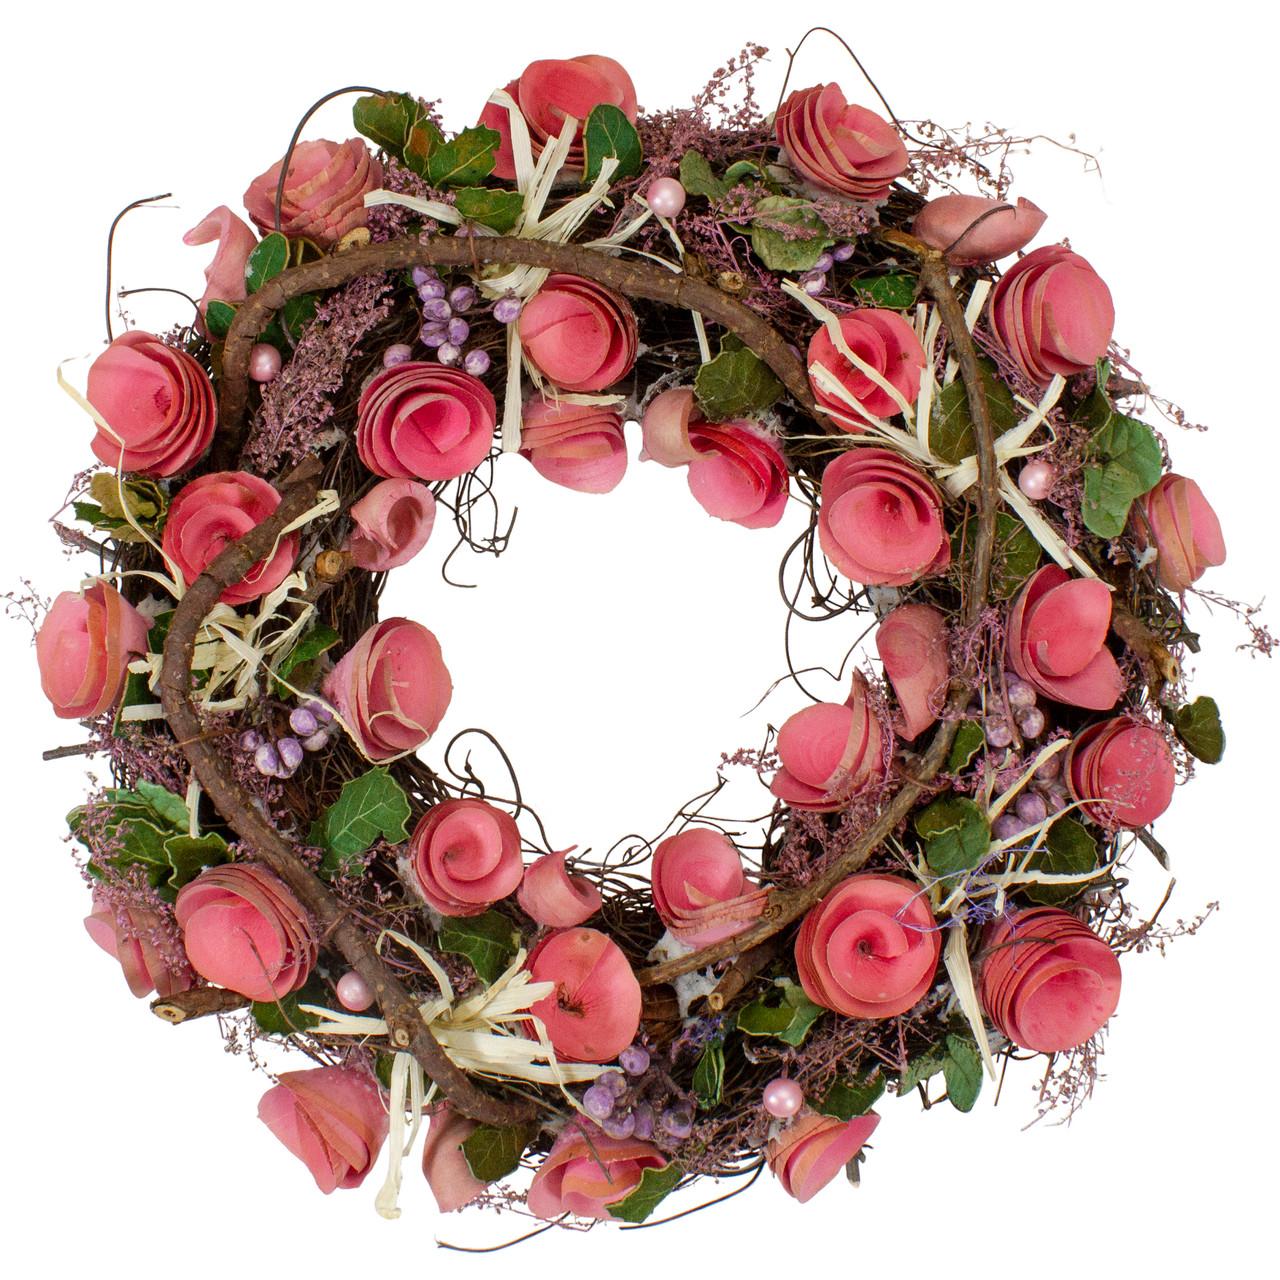 125 Pink Flowers Berries Green Leaves Twig Artificial Spring